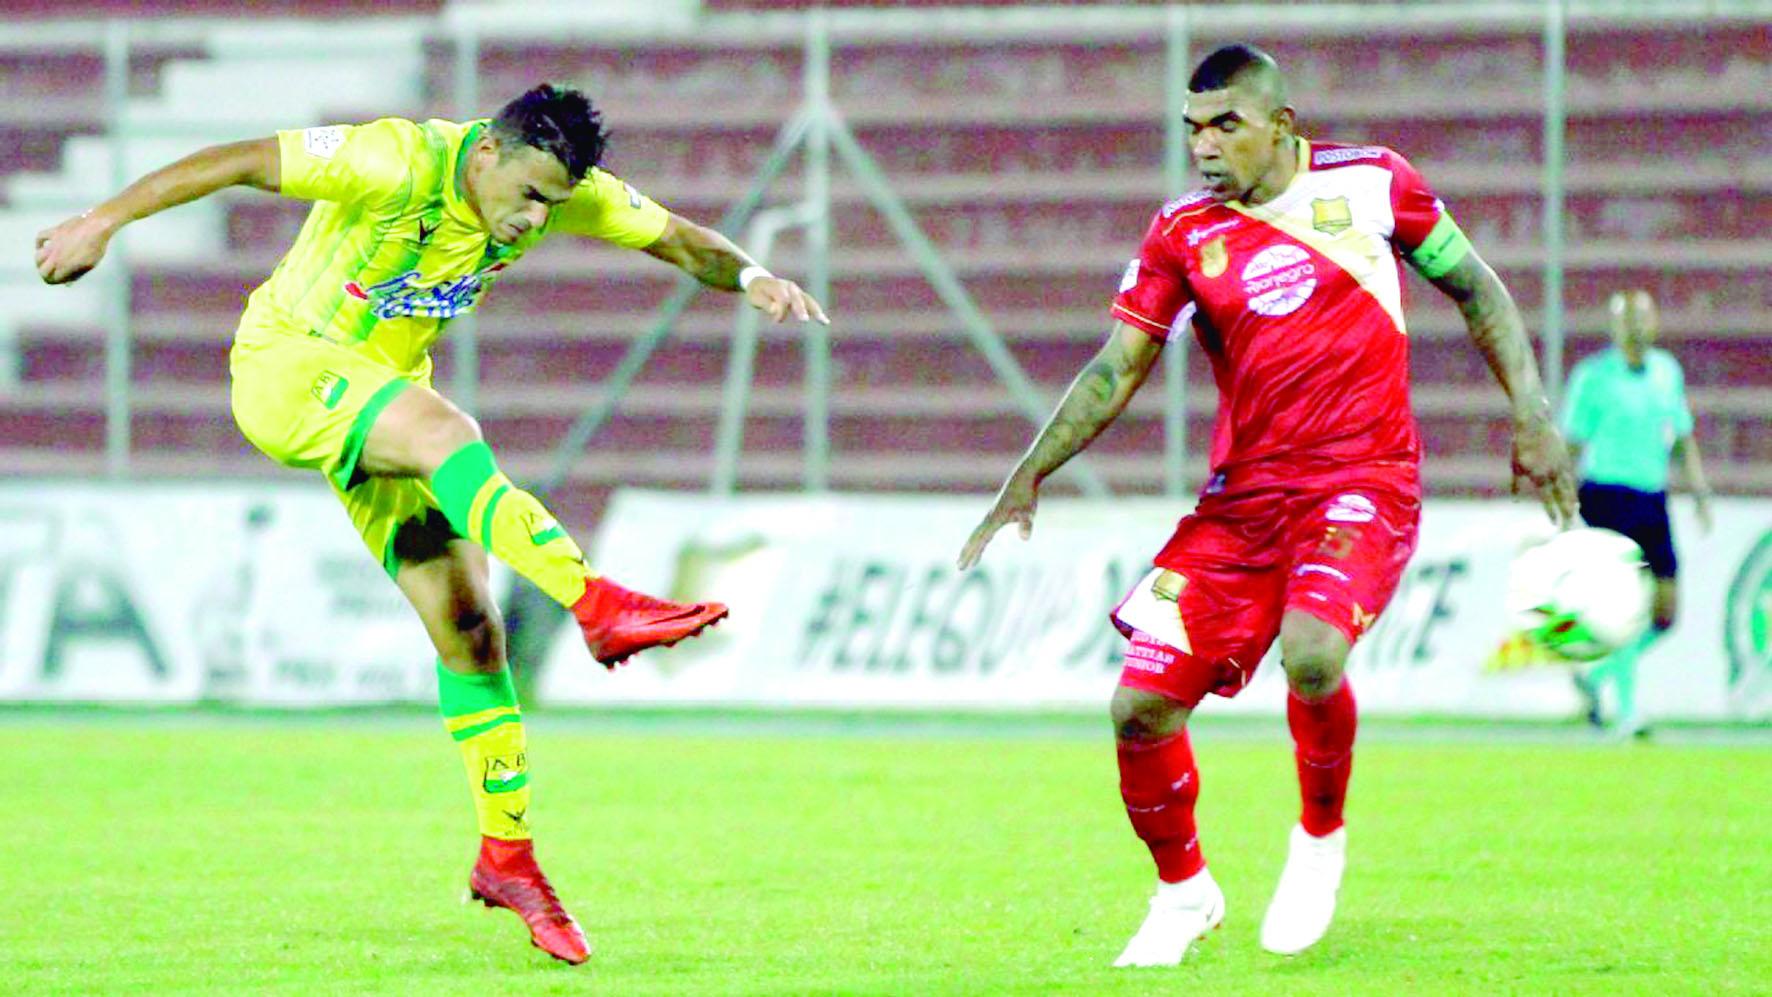 Con rumbo incierto Bucaramanga recibe a Rionegro   Local   Deportes   EL FRENTE